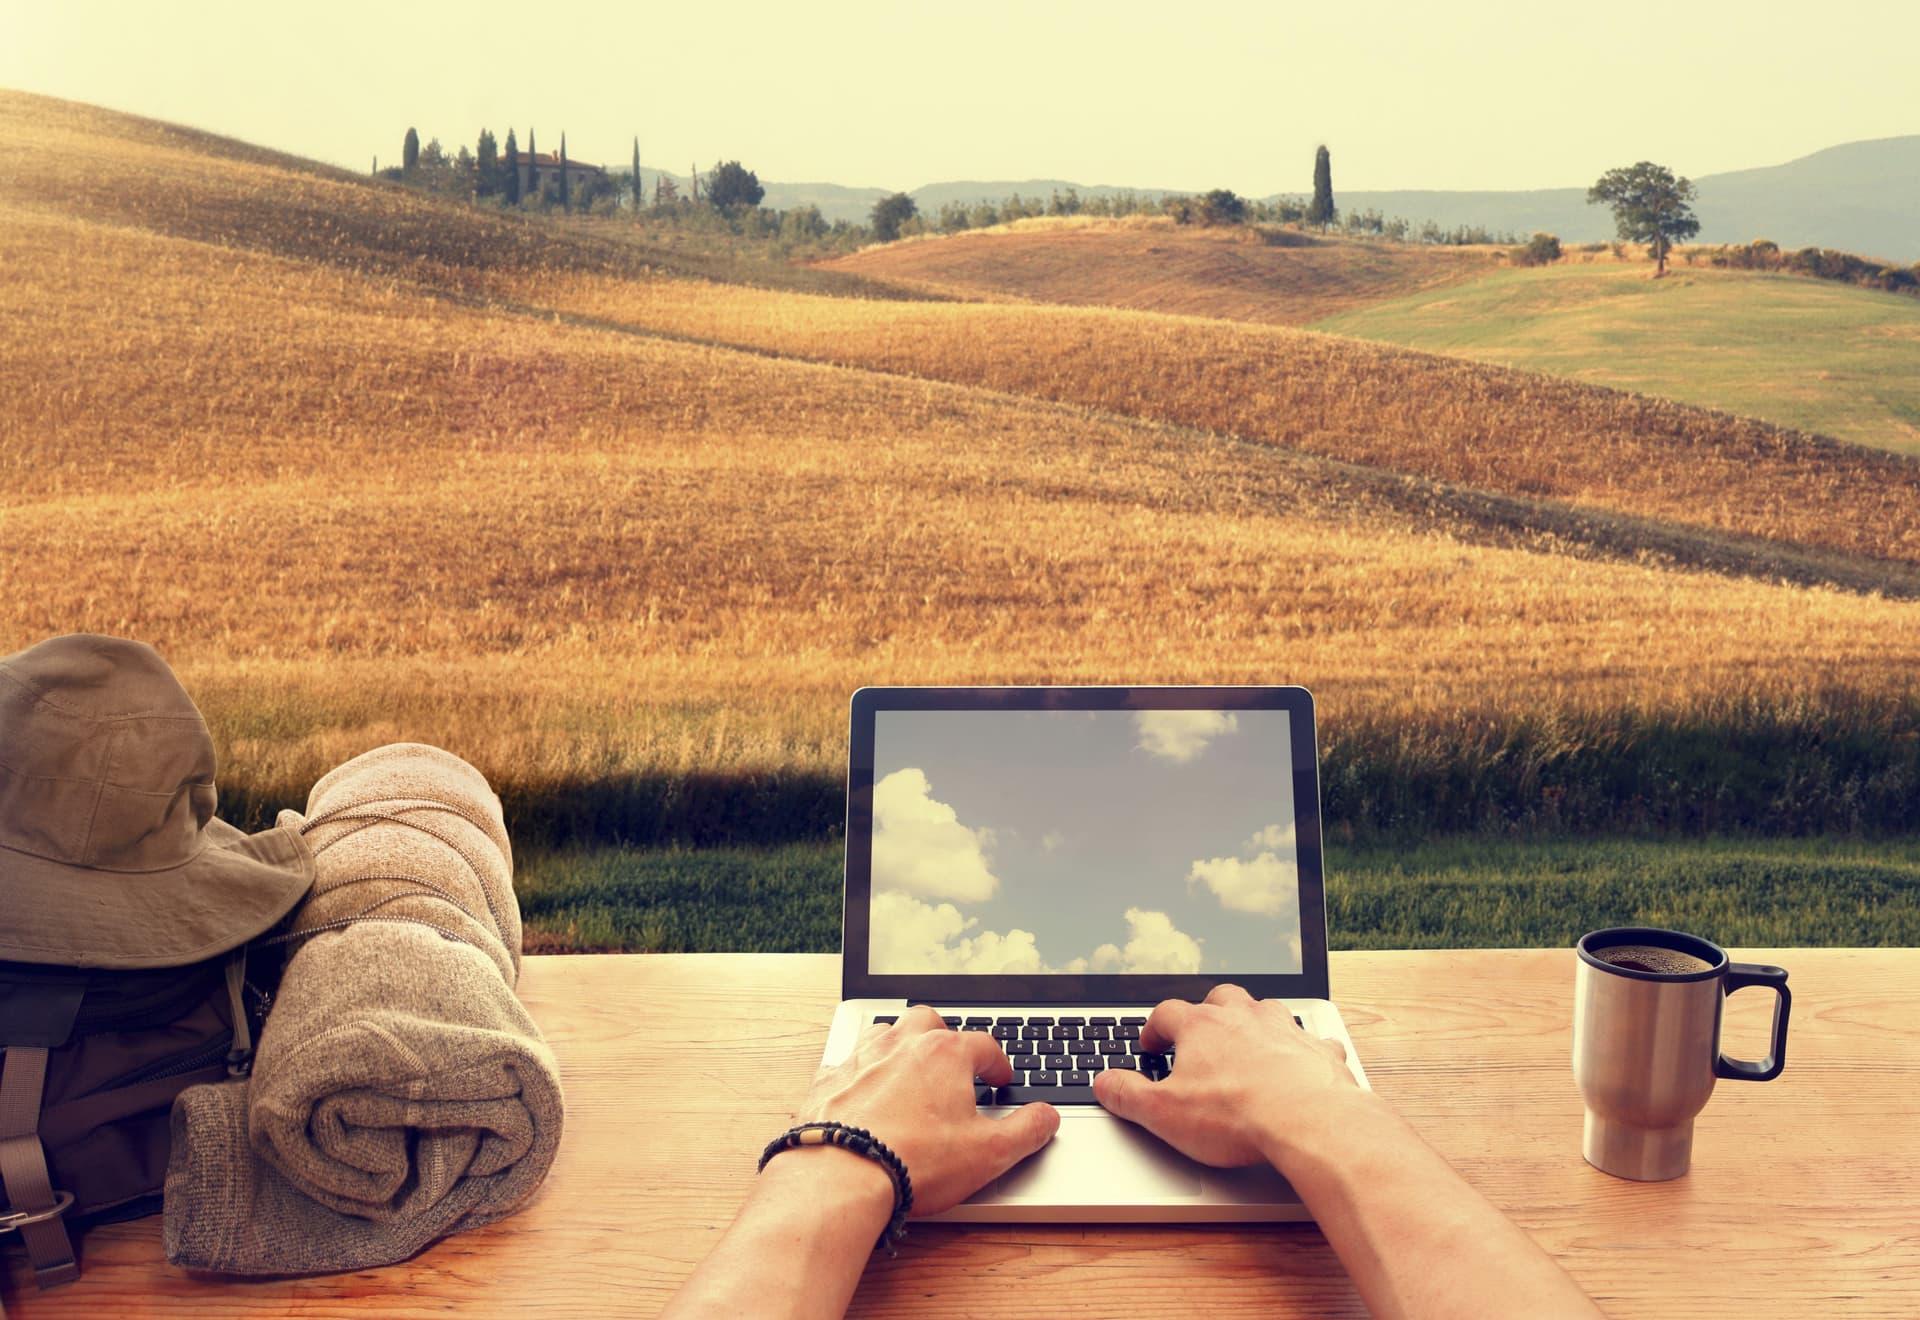 Nomadi digitali: inseguire la tecnologia alla ricerca della libertà